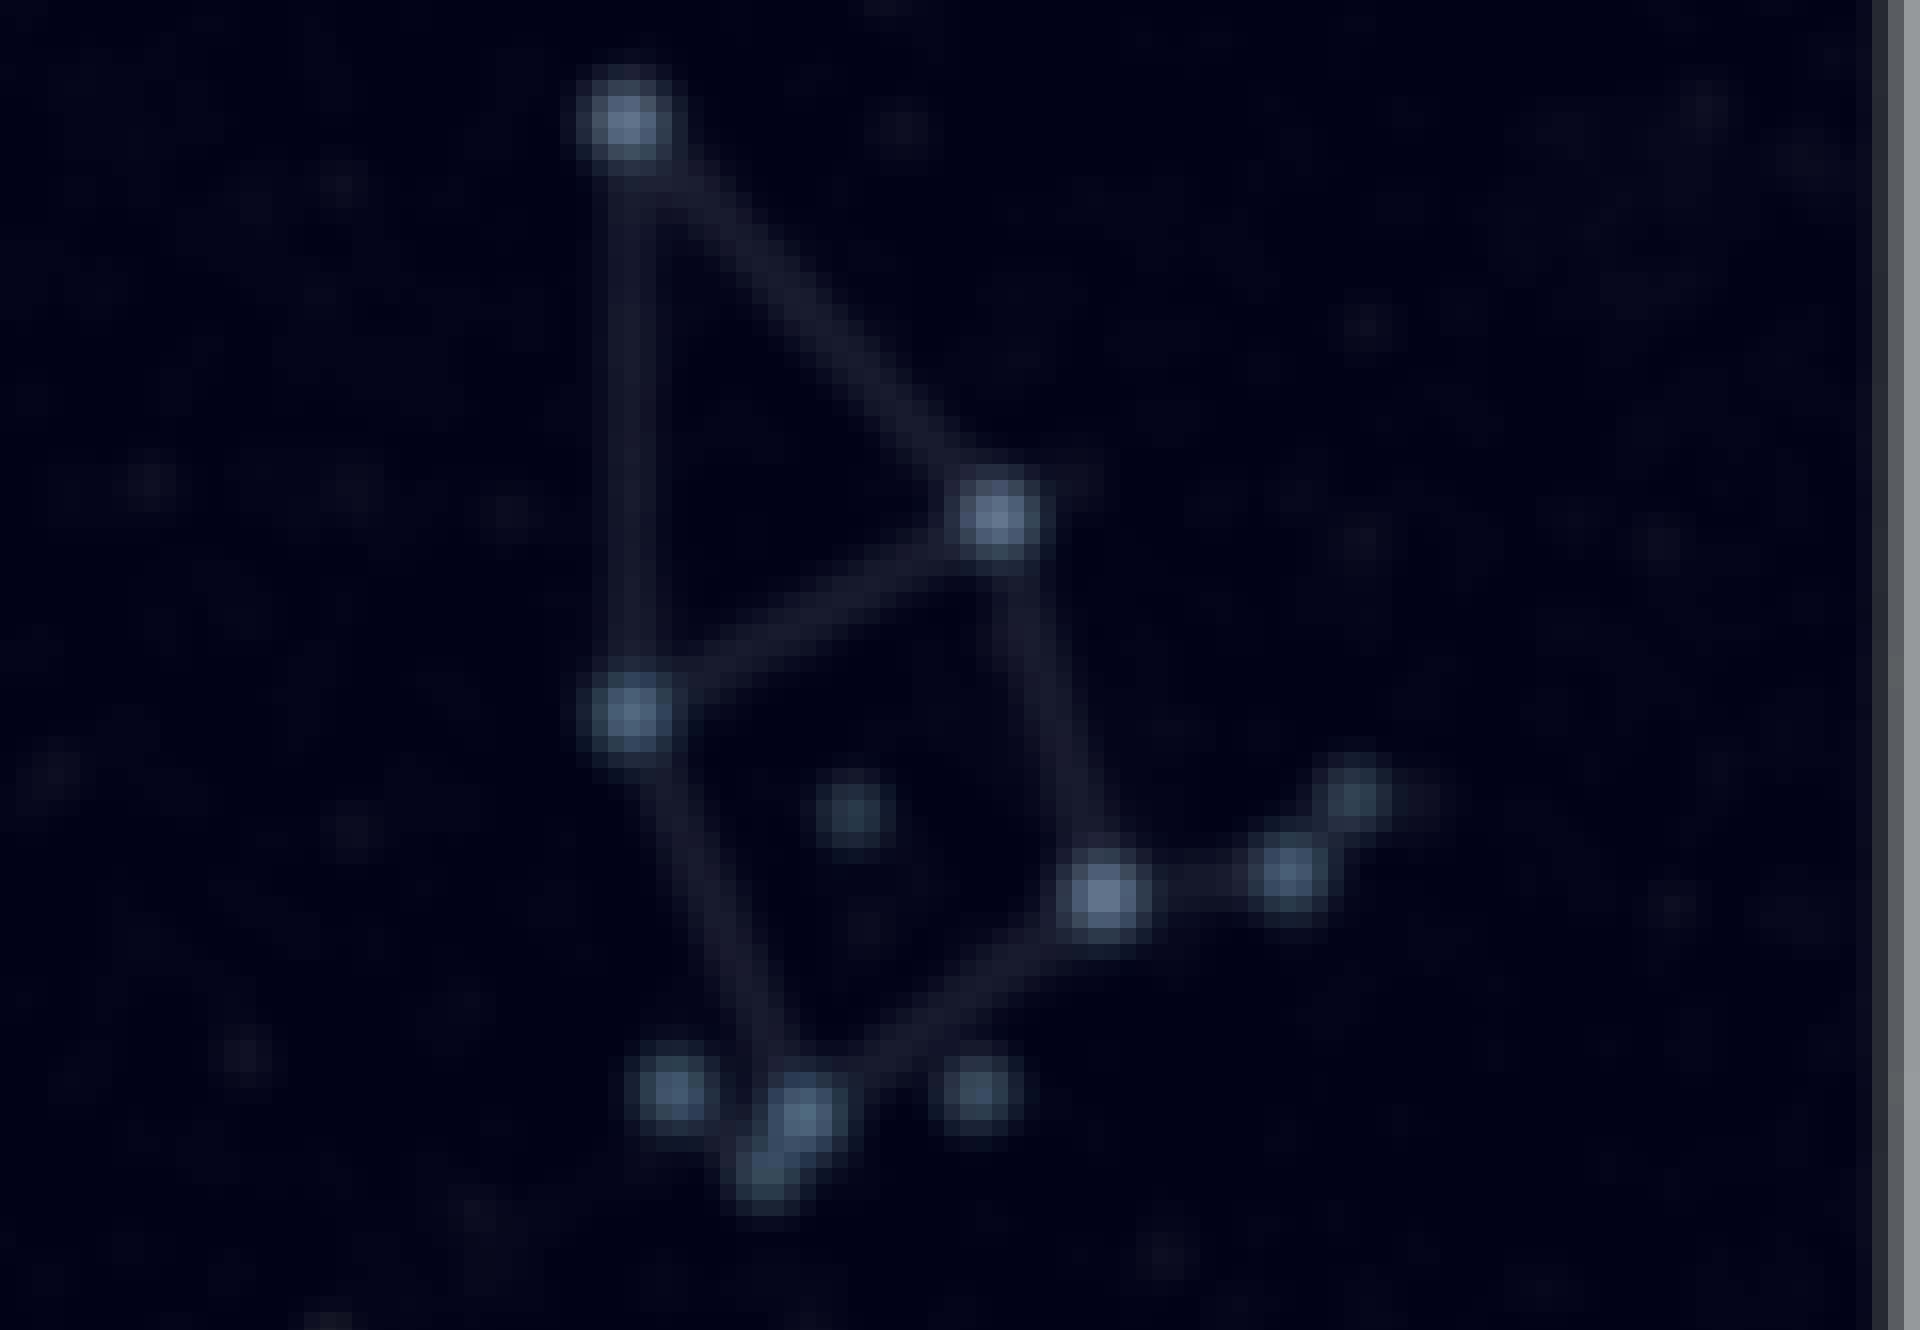 Stjernebilledet Cepheus